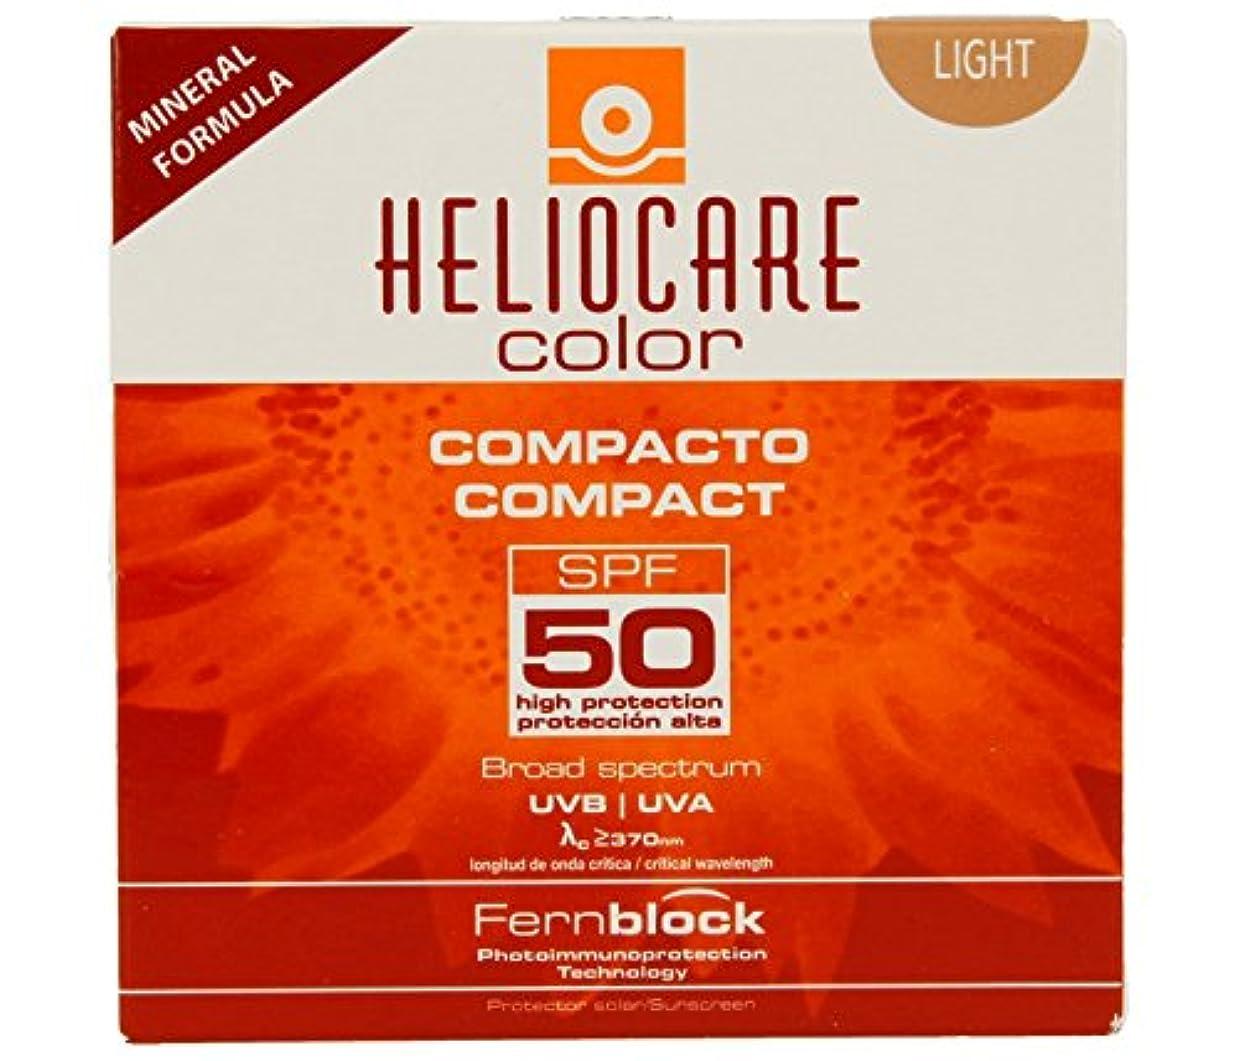 好意ペフ主張するHeliocare 50コンパクトパウダーカラーライト10グラム